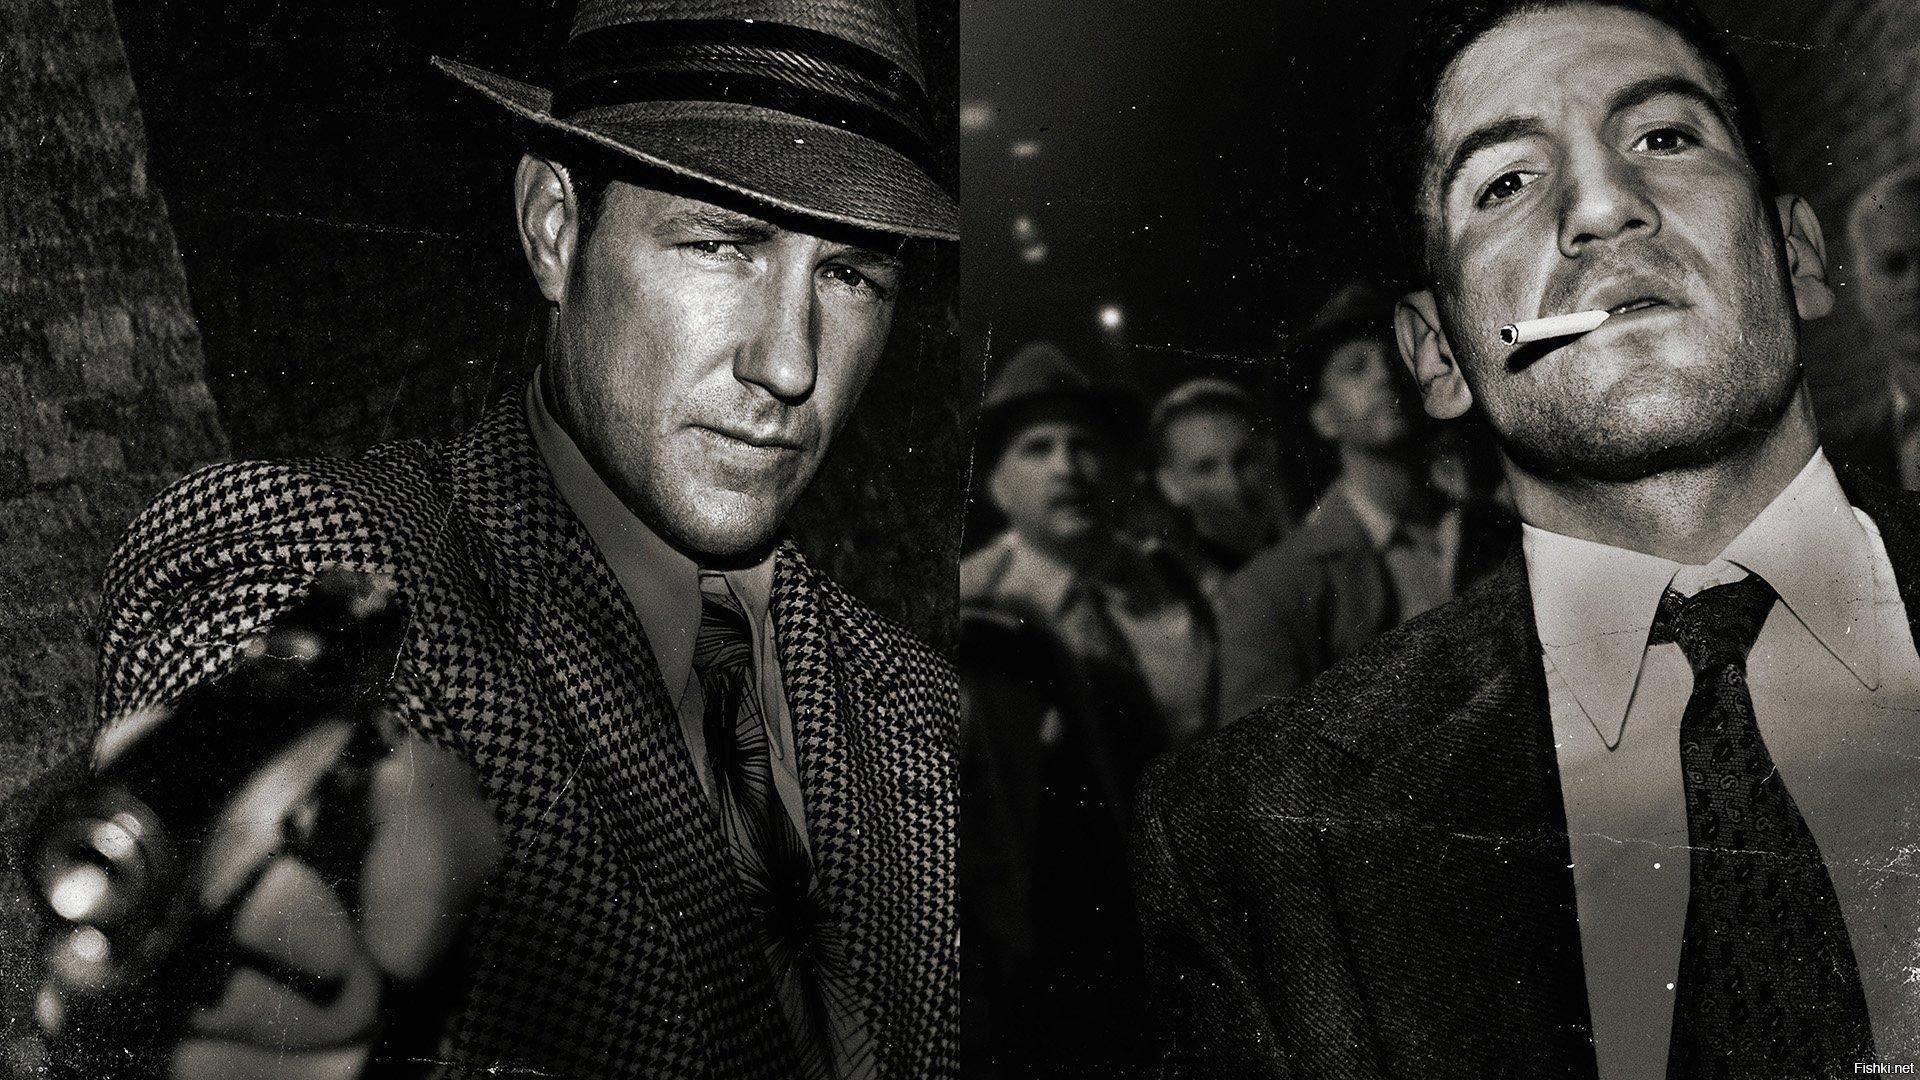 породы гангстеры из италии фото найти такое средство